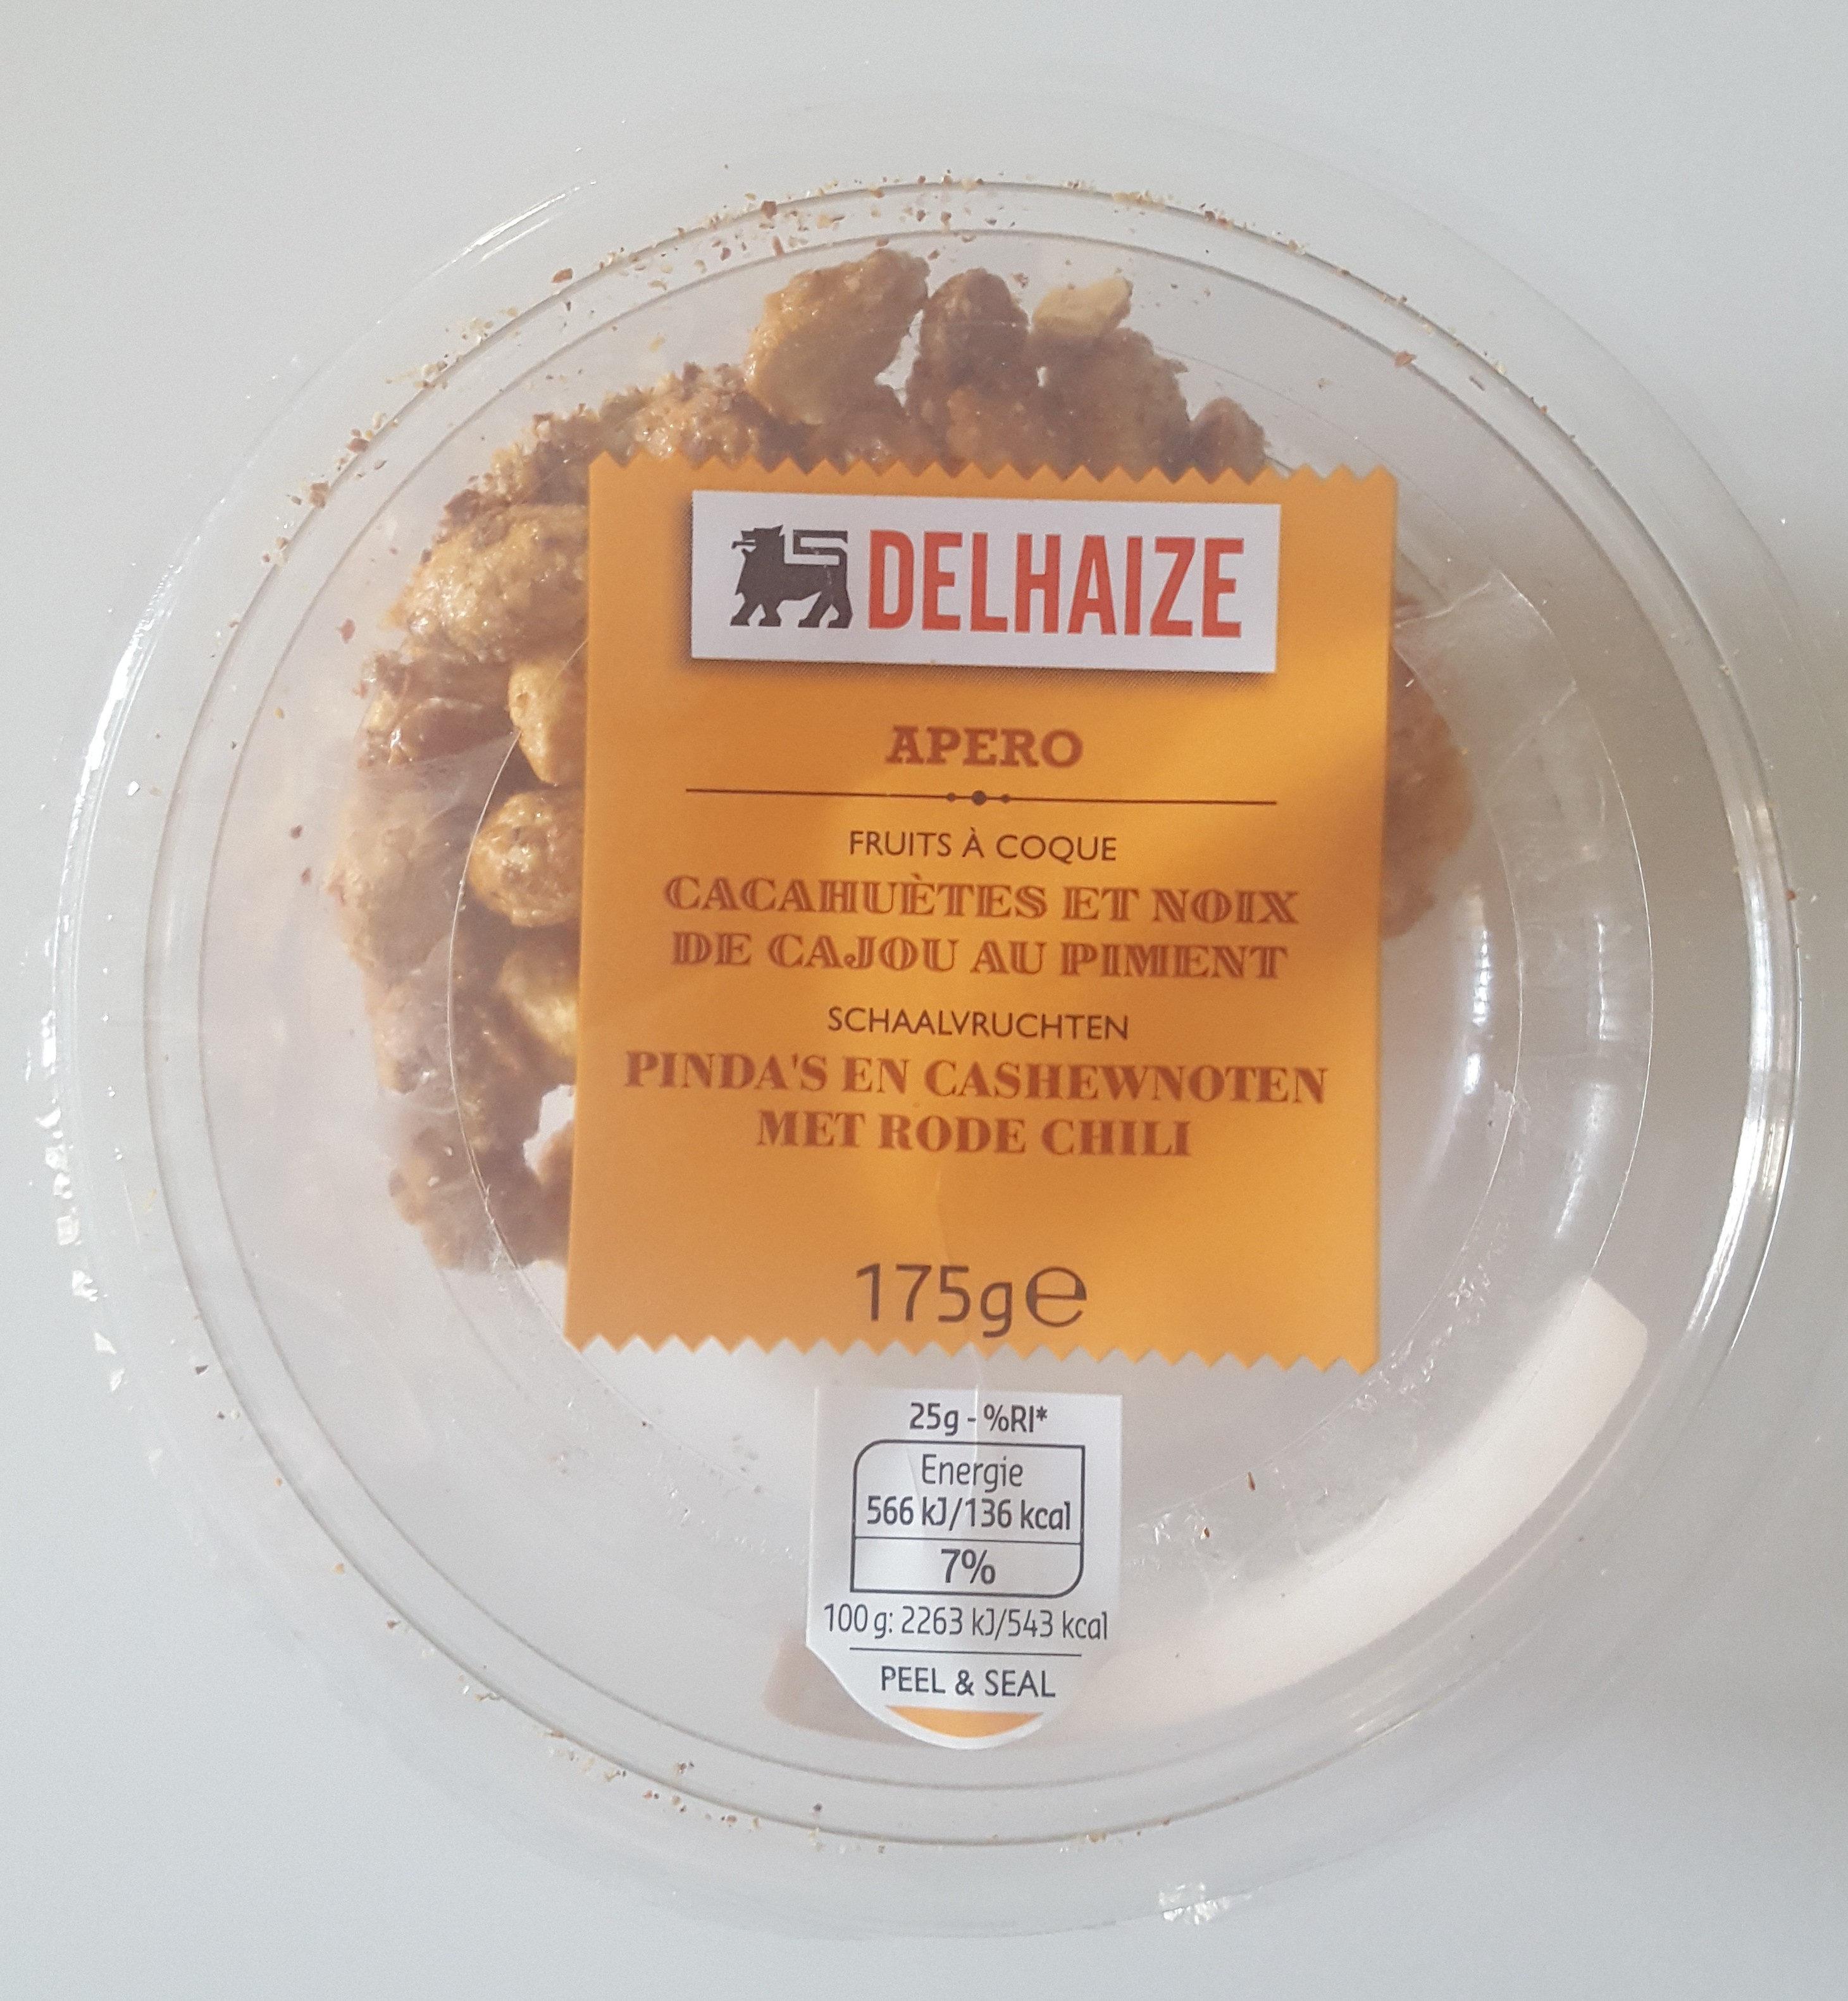 Cacahuètes et noix de cajou au piment - Product - nl